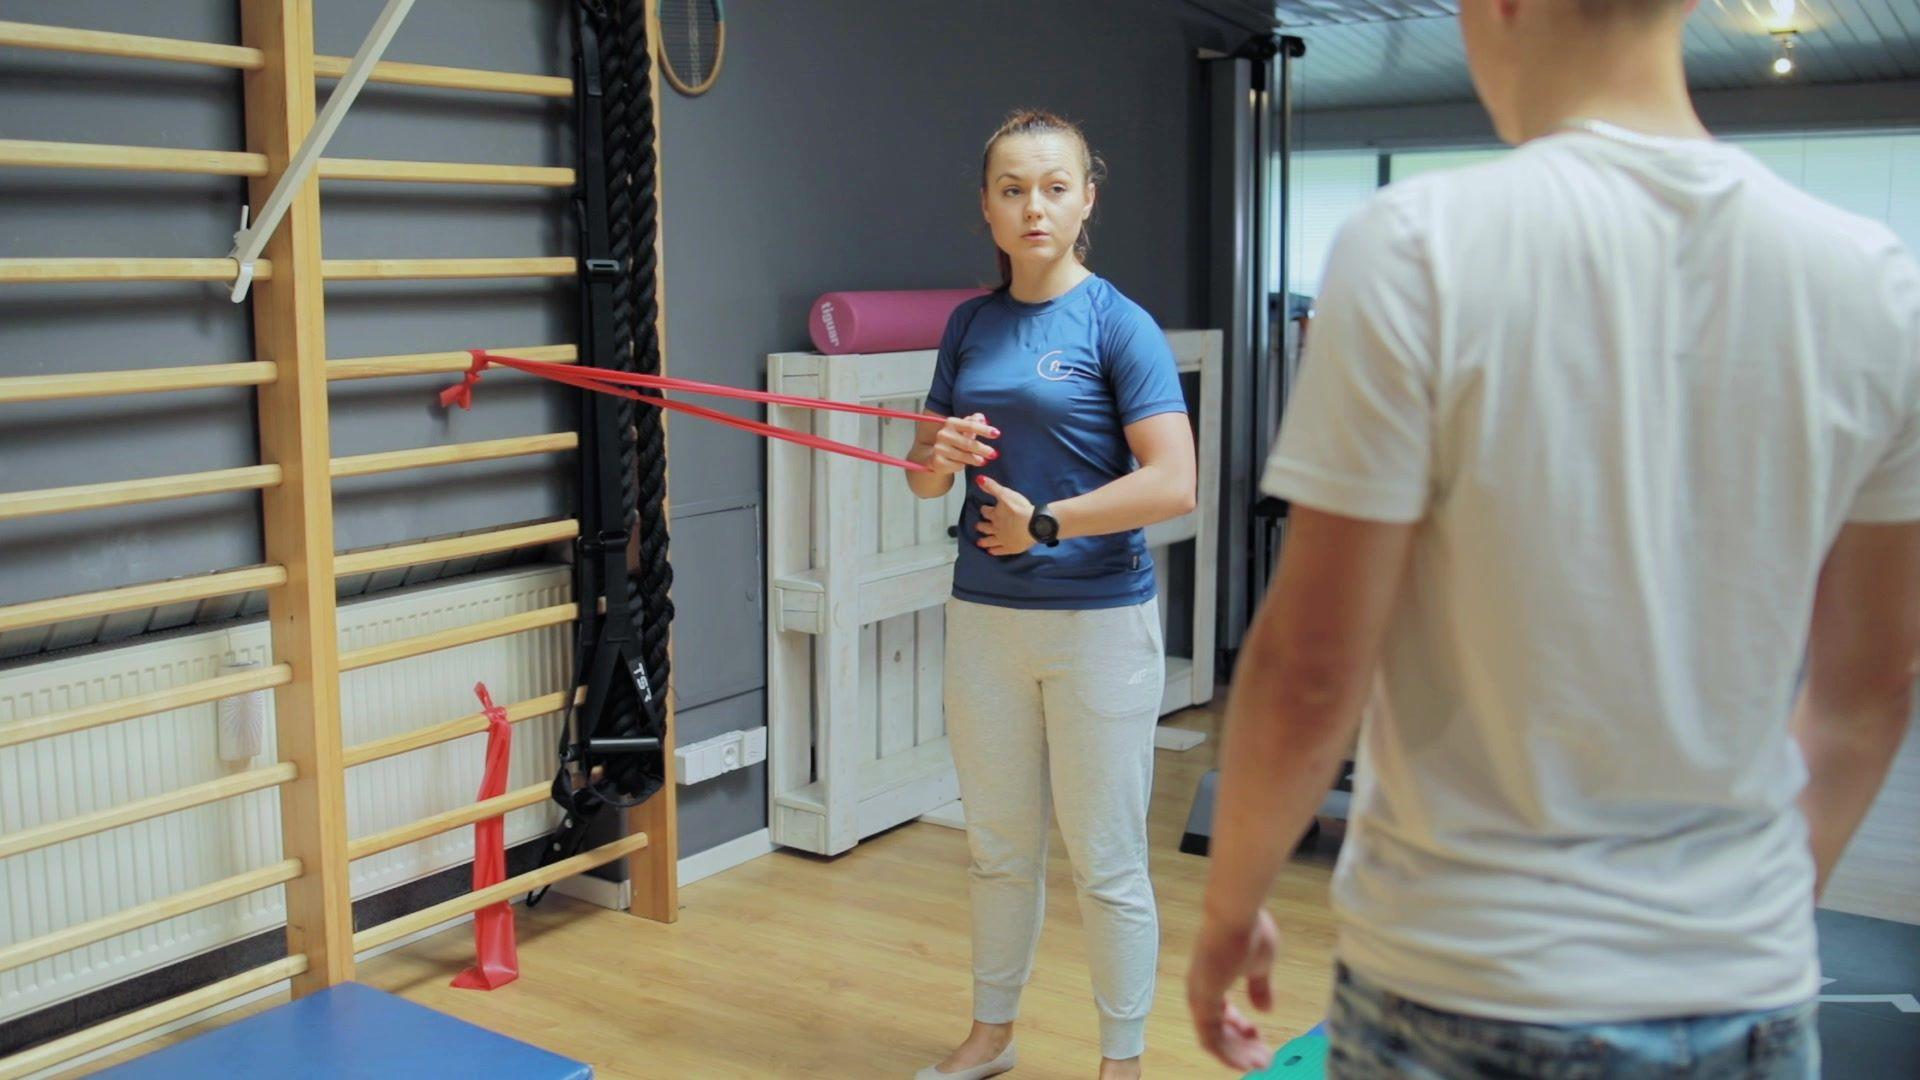 fizjoterapeuta pokazuje prawidłowe wykonanie cwiczenia rehabilitacyjnego